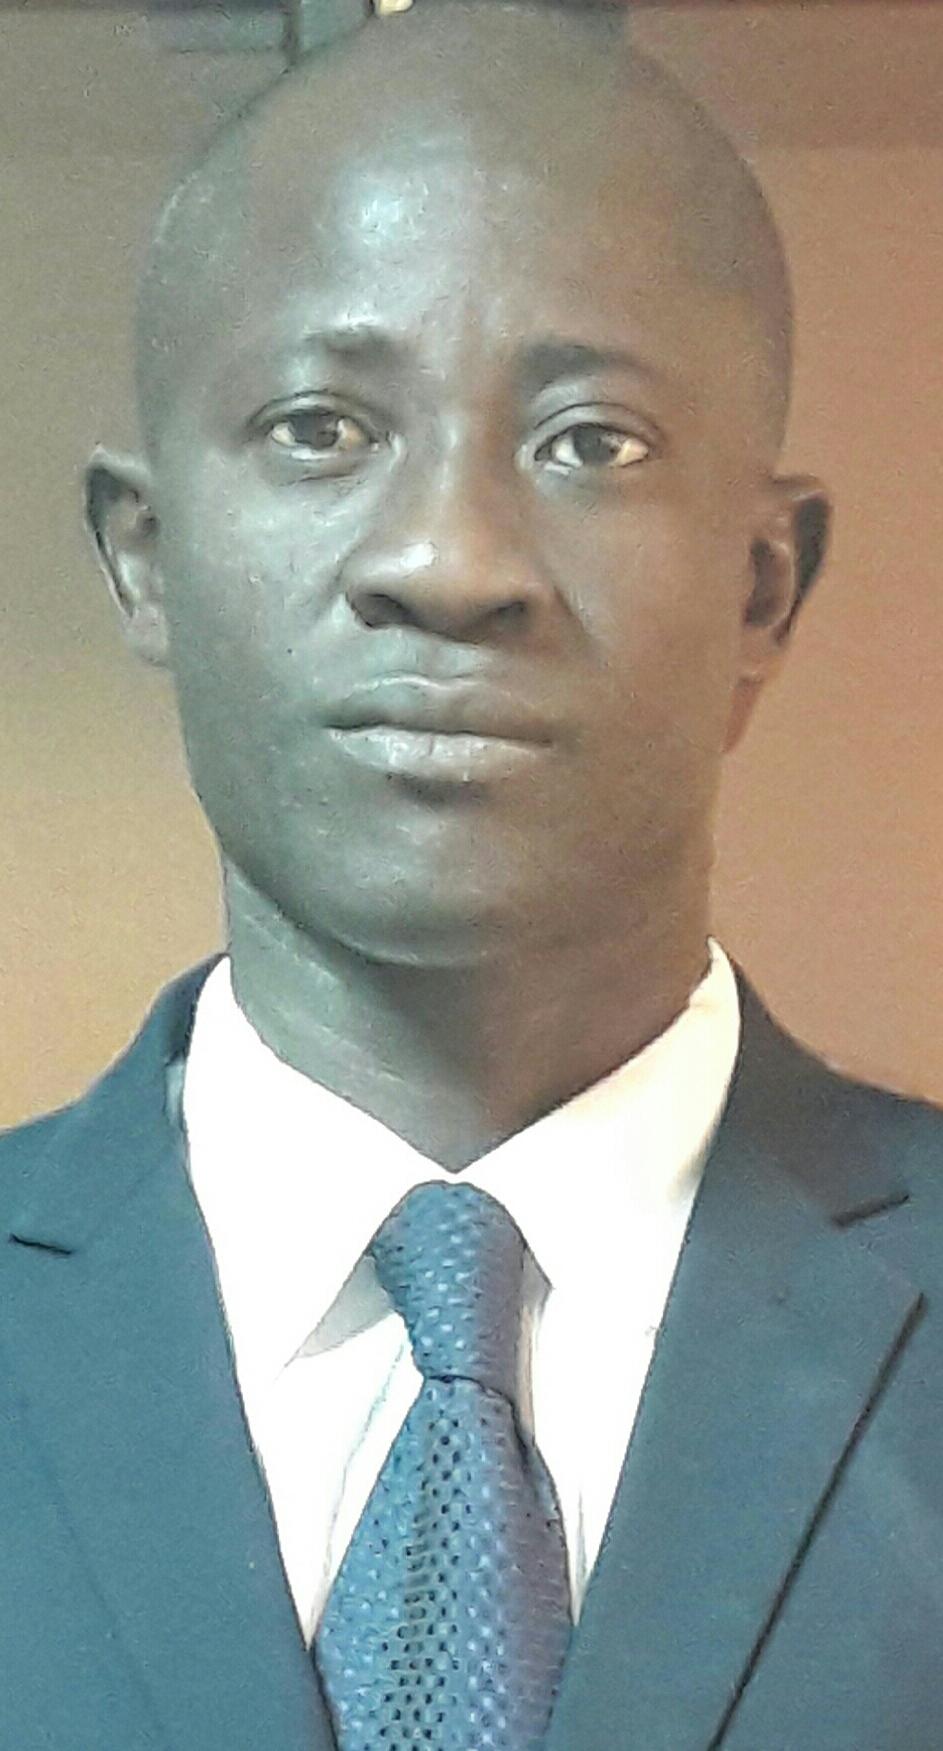 À Lamine Ba du Rewmi, tu fais hors sujet ! La fonction présidentielle a changé. Discutons plutôt du contenu du livre «Le Sénégal au coeur» de SEM Macky Sall.